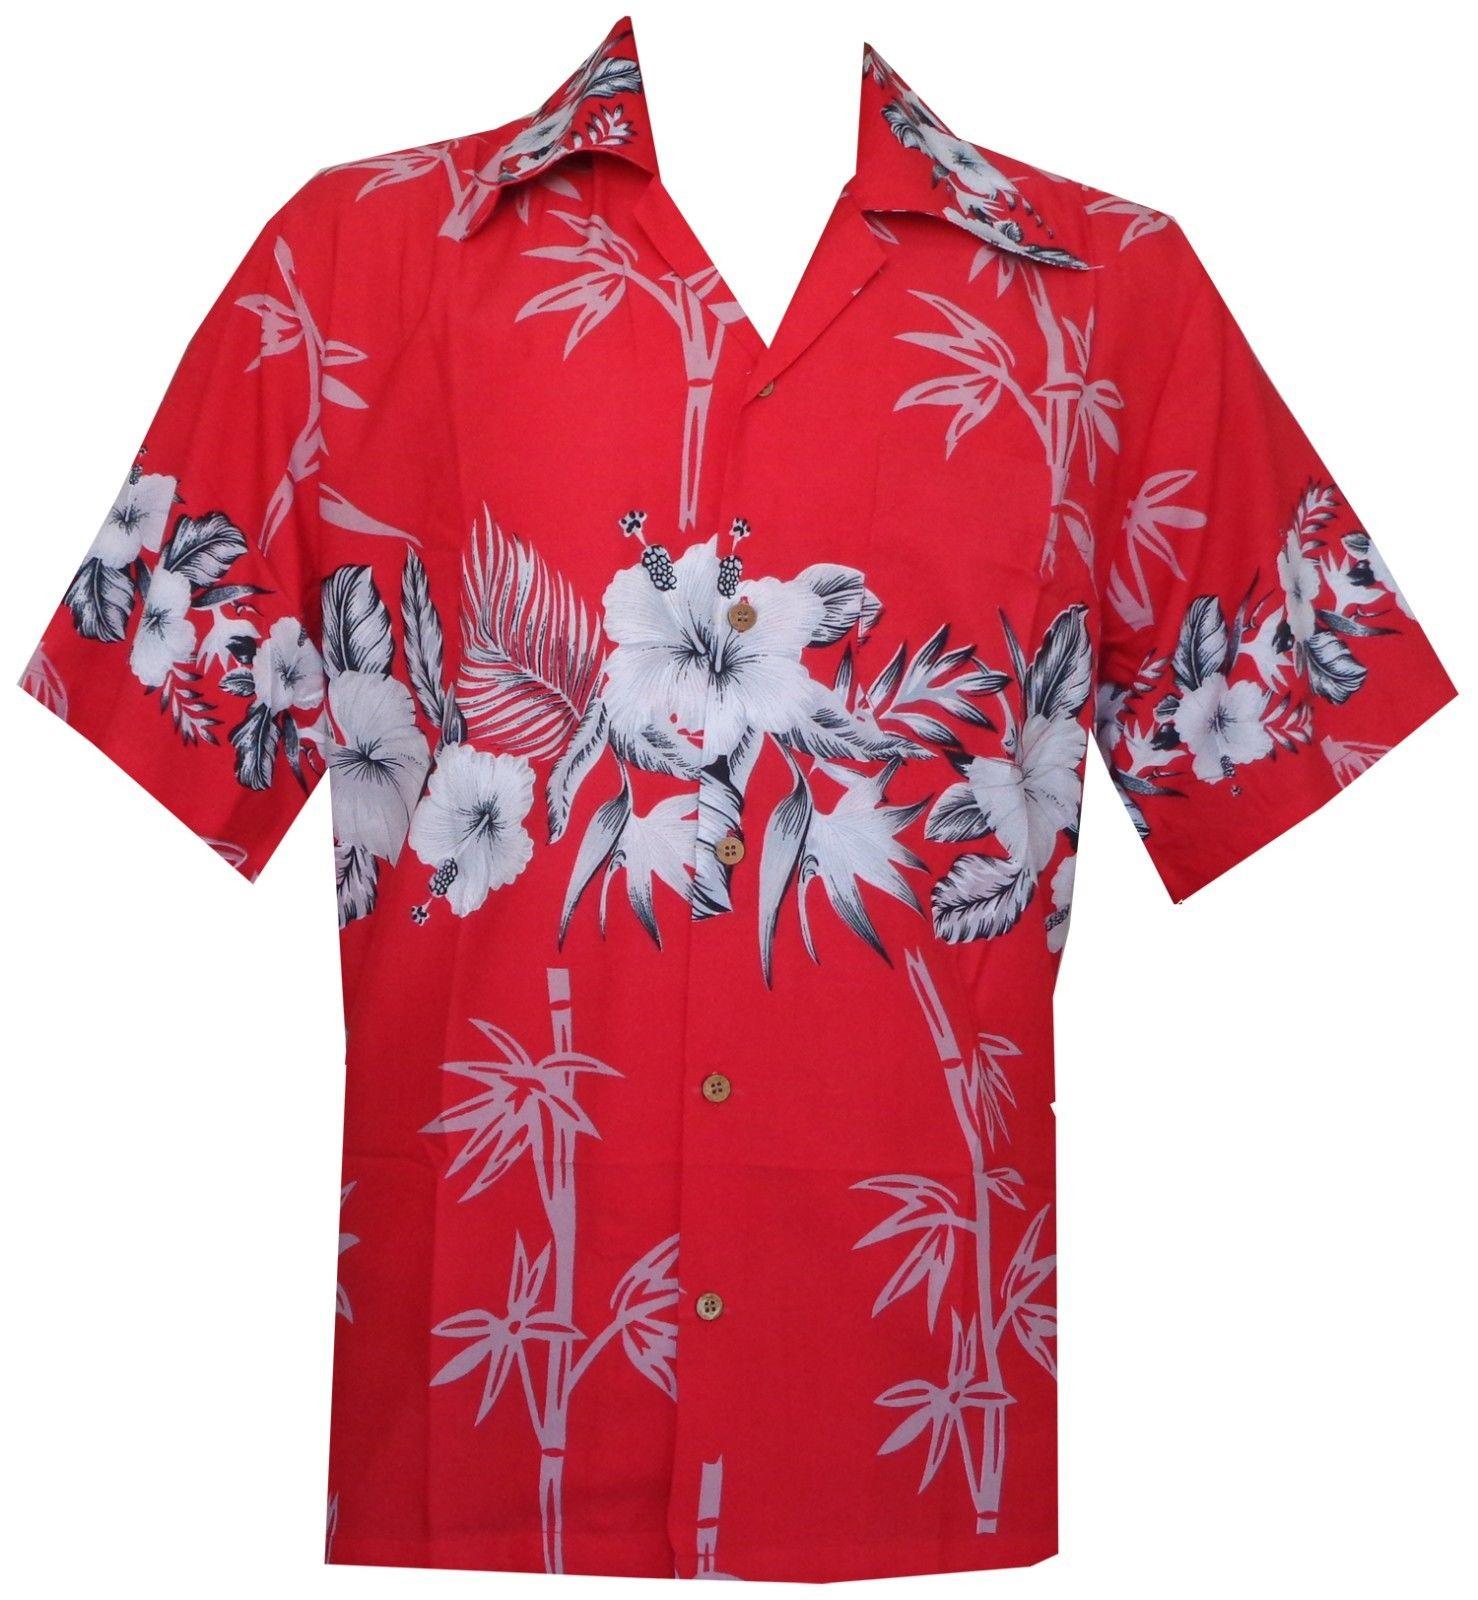 Hawaiian-Shirts-Mens-Bamboo-Tree-Print-Beach-Aloha-Party-Holiday thumbnail 15